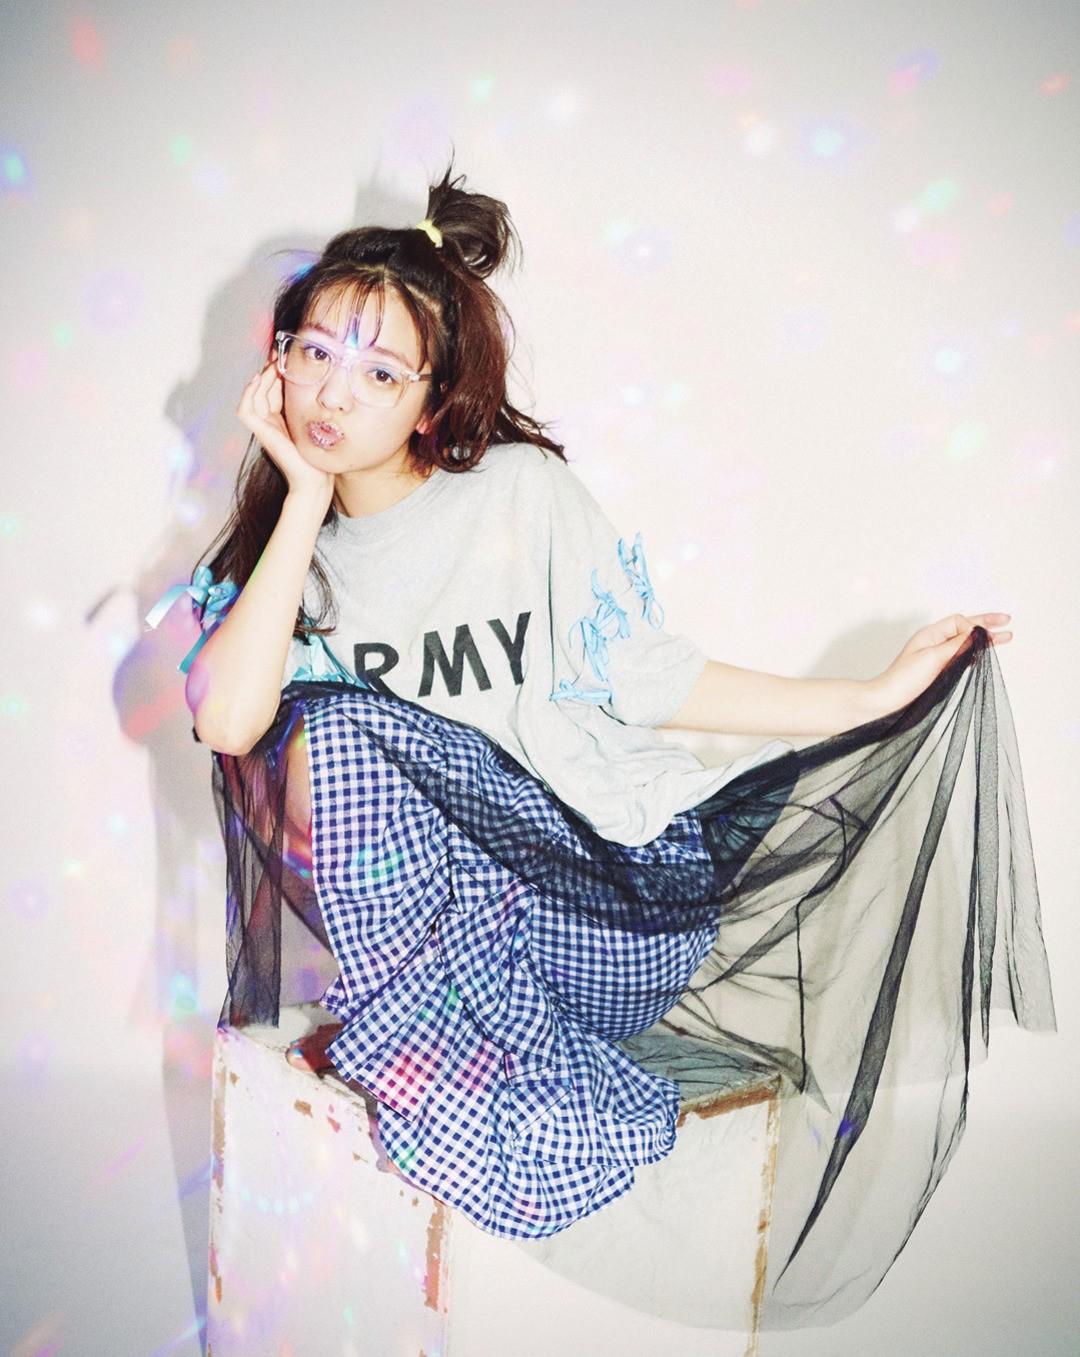 「オーバーサイズのリメイクTシャツに、あえてギンガムチェック×チュールのガーリーなスカートをあわせてMIXしてみたよ♡」(横田真悠)